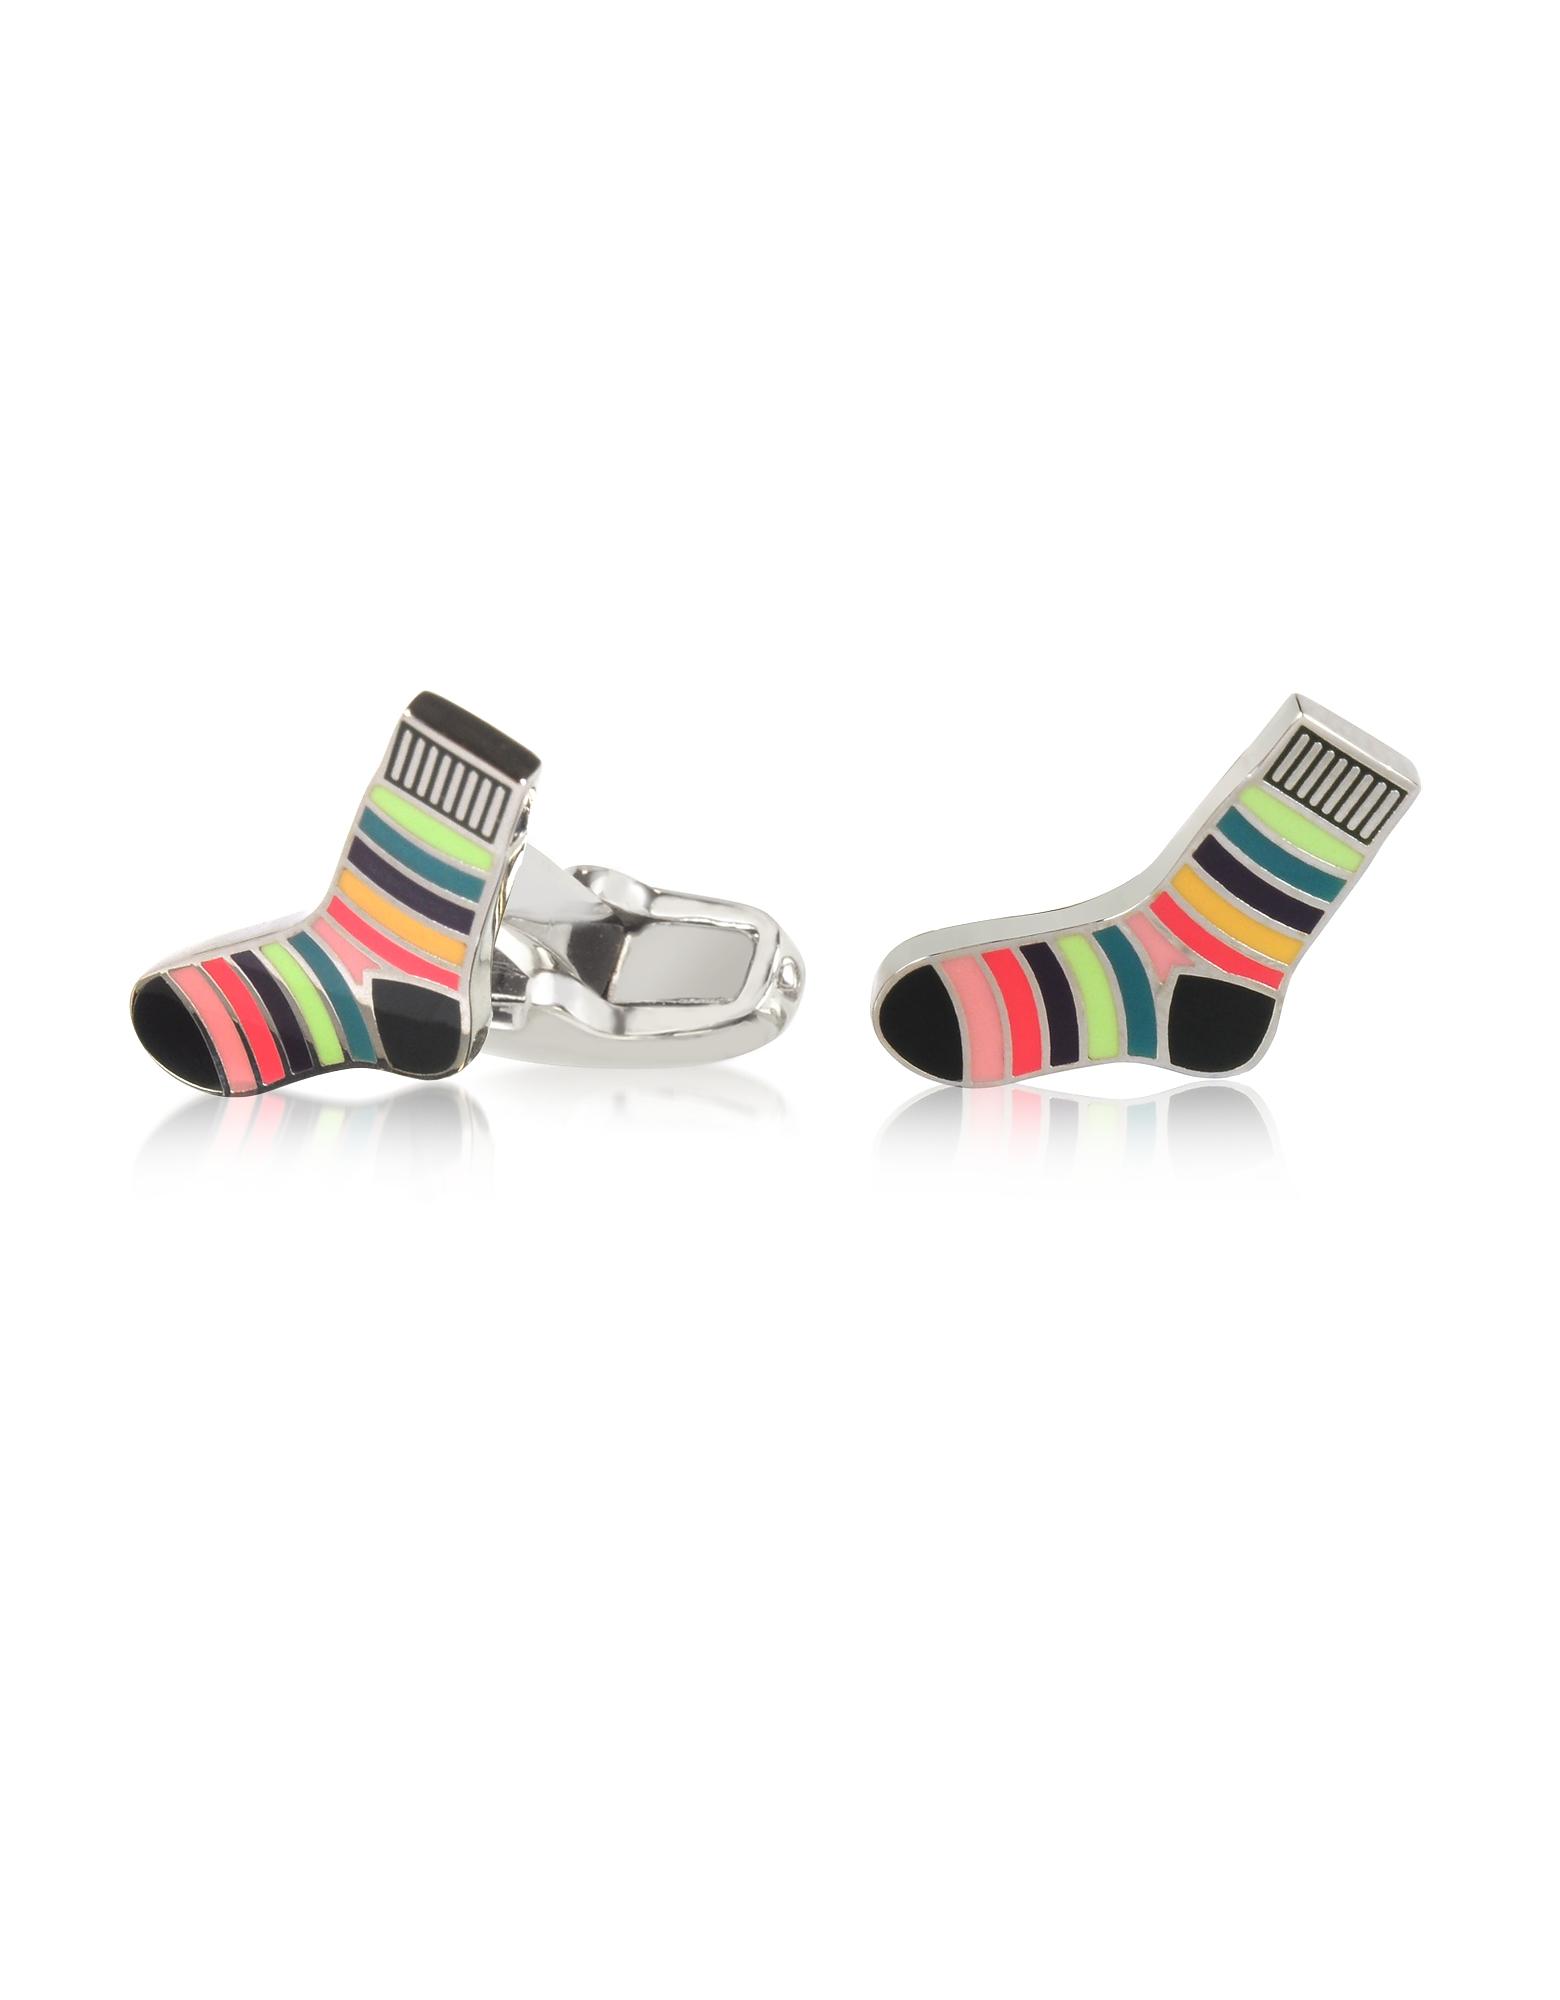 Paul Smith Cufflinks, Men's Sock Cufflinks